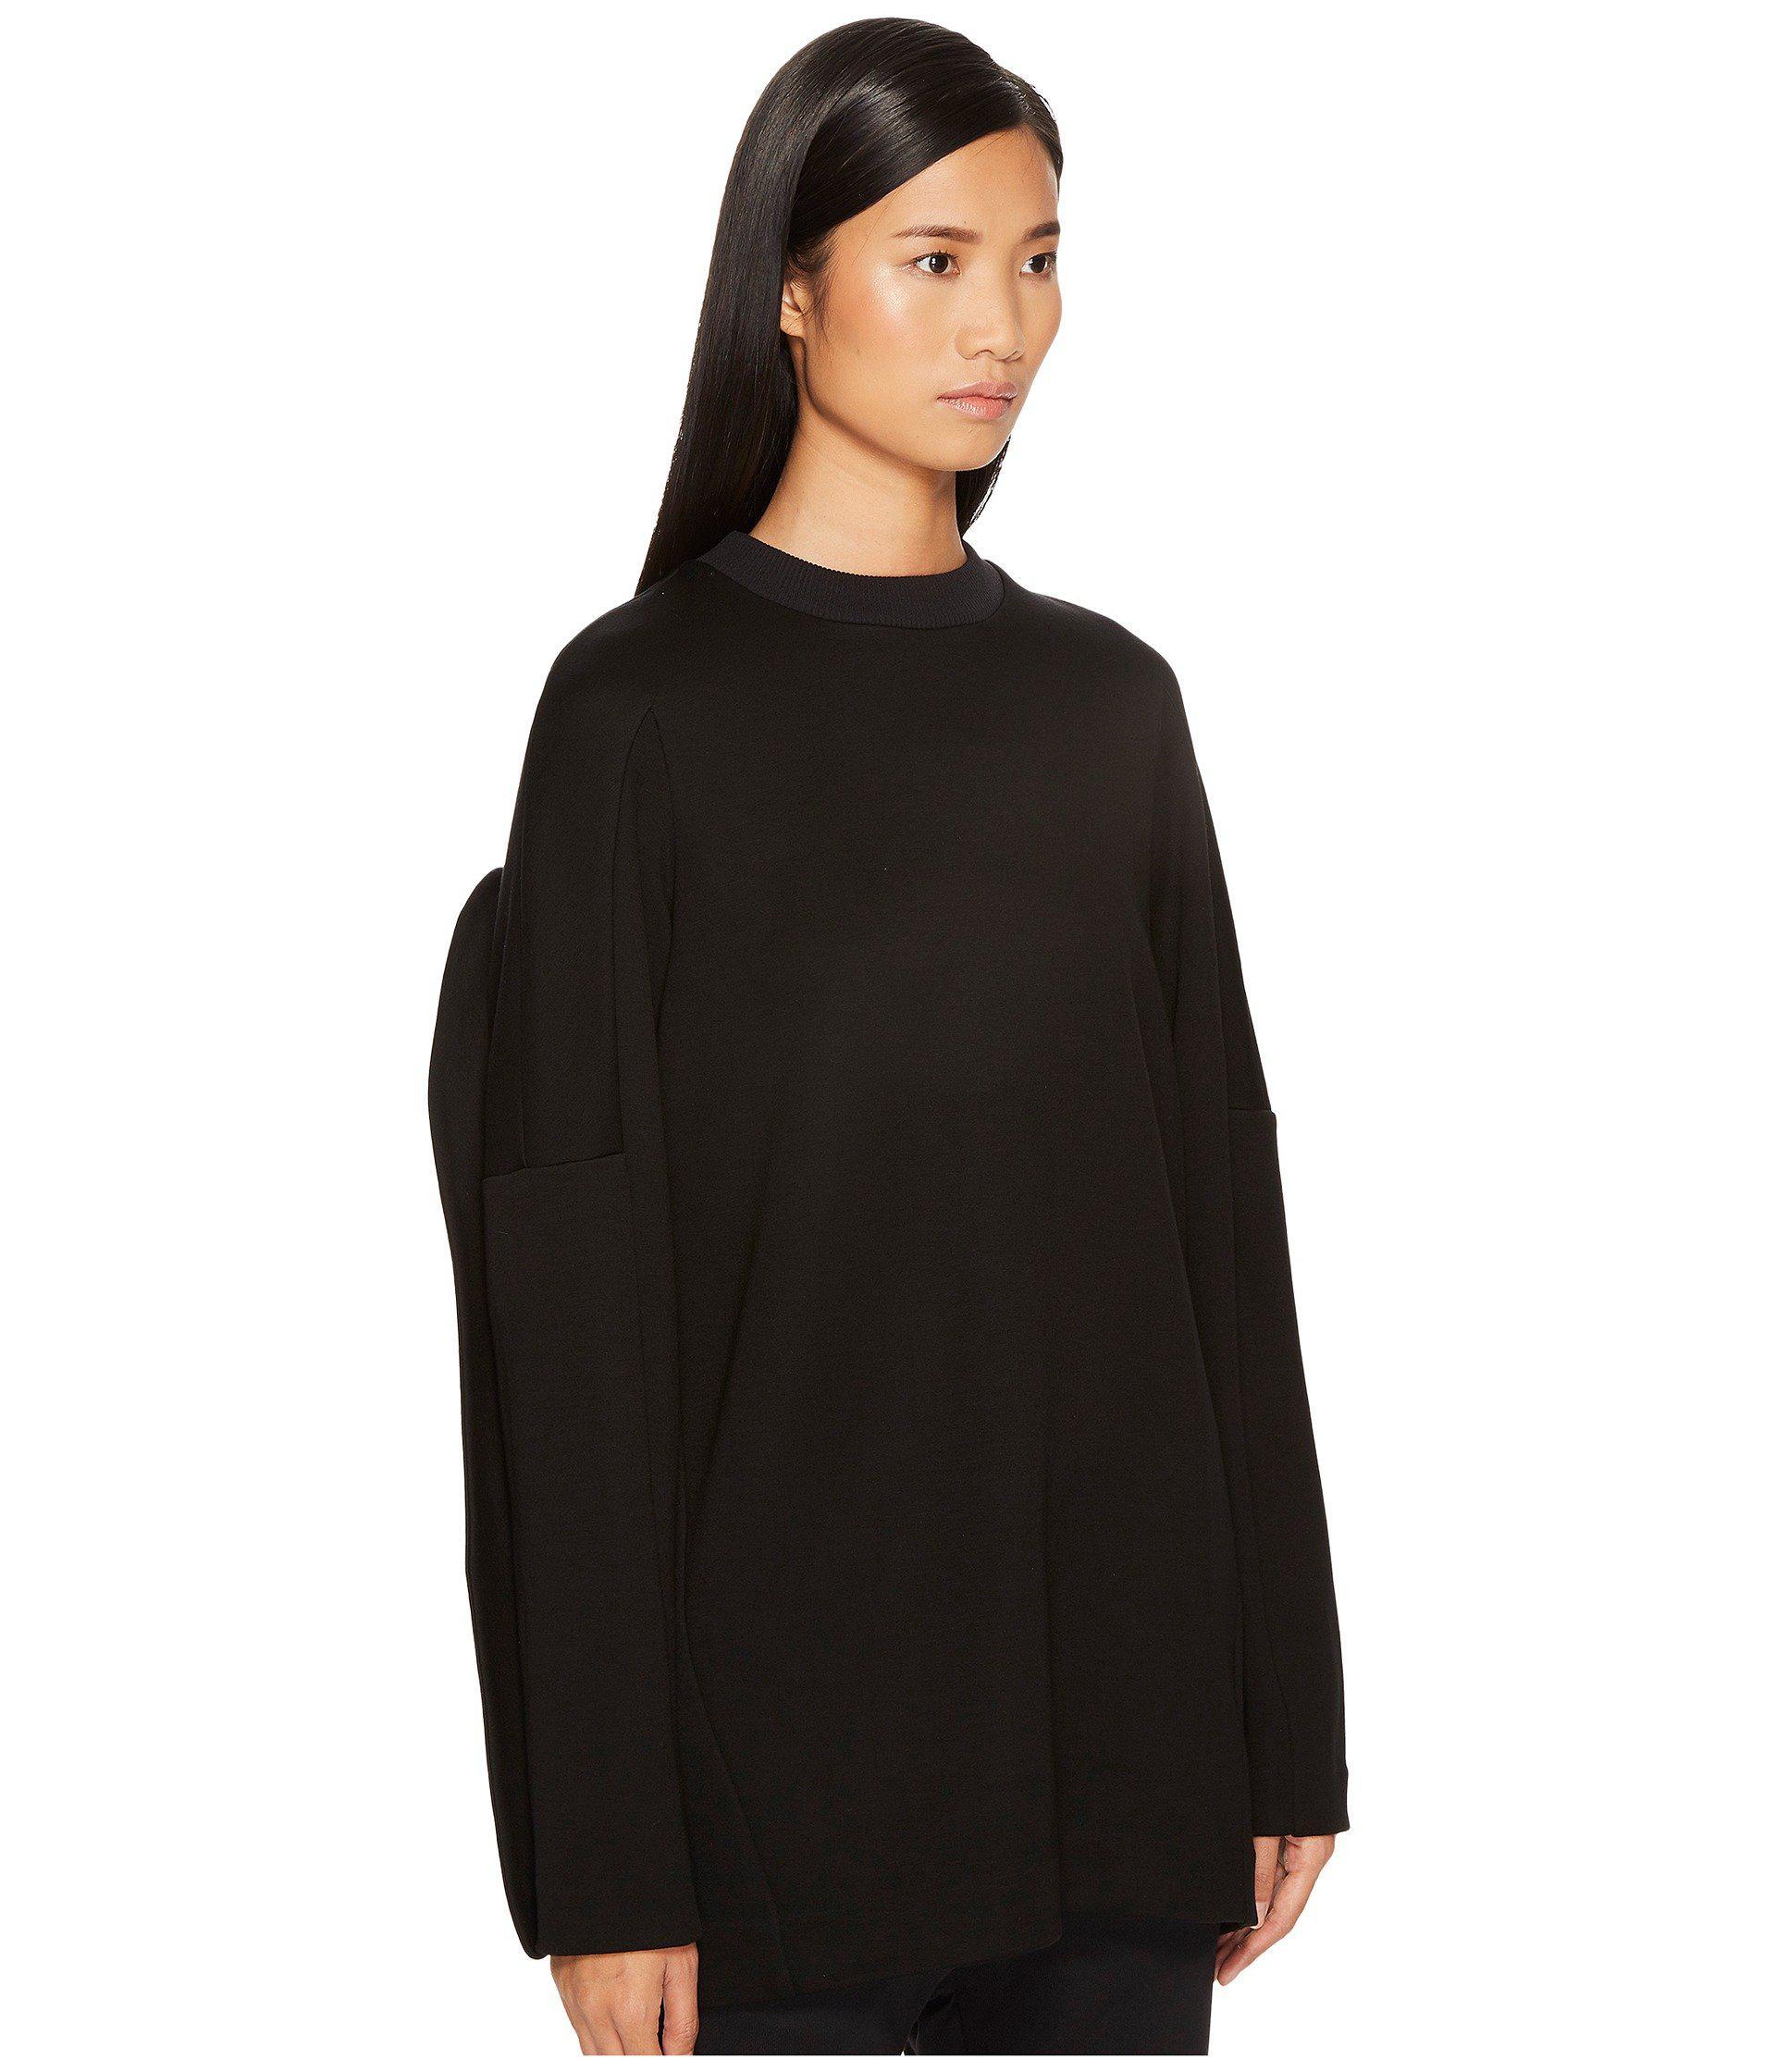 94d56f747 Y-3 - Black Tencil Sweater - Lyst. View fullscreen